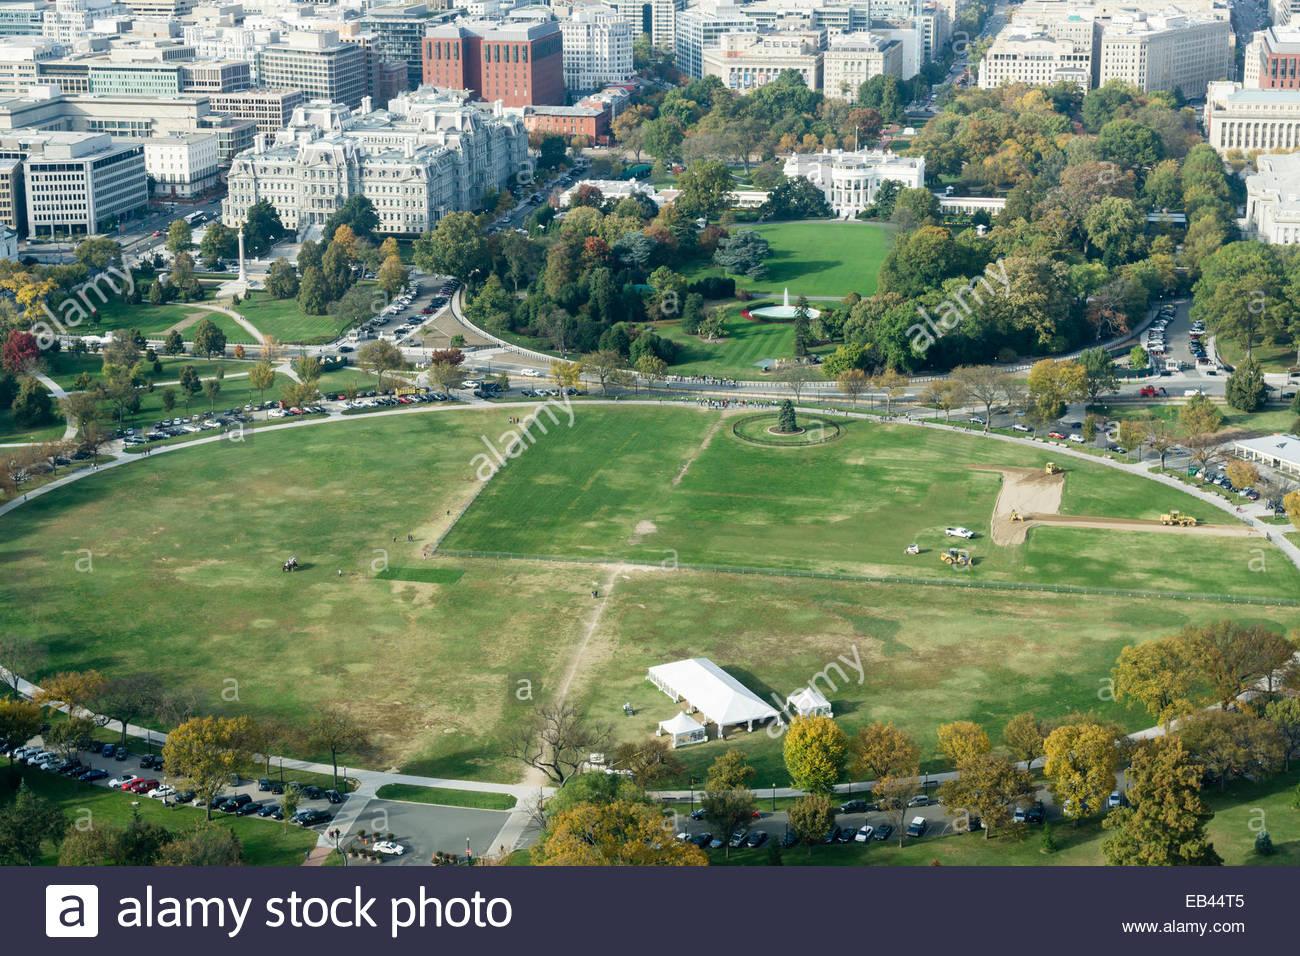 Vue aérienne de la Maison Blanche, Ellipse, et Old Executive Office Building à Washington DC Photo Stock